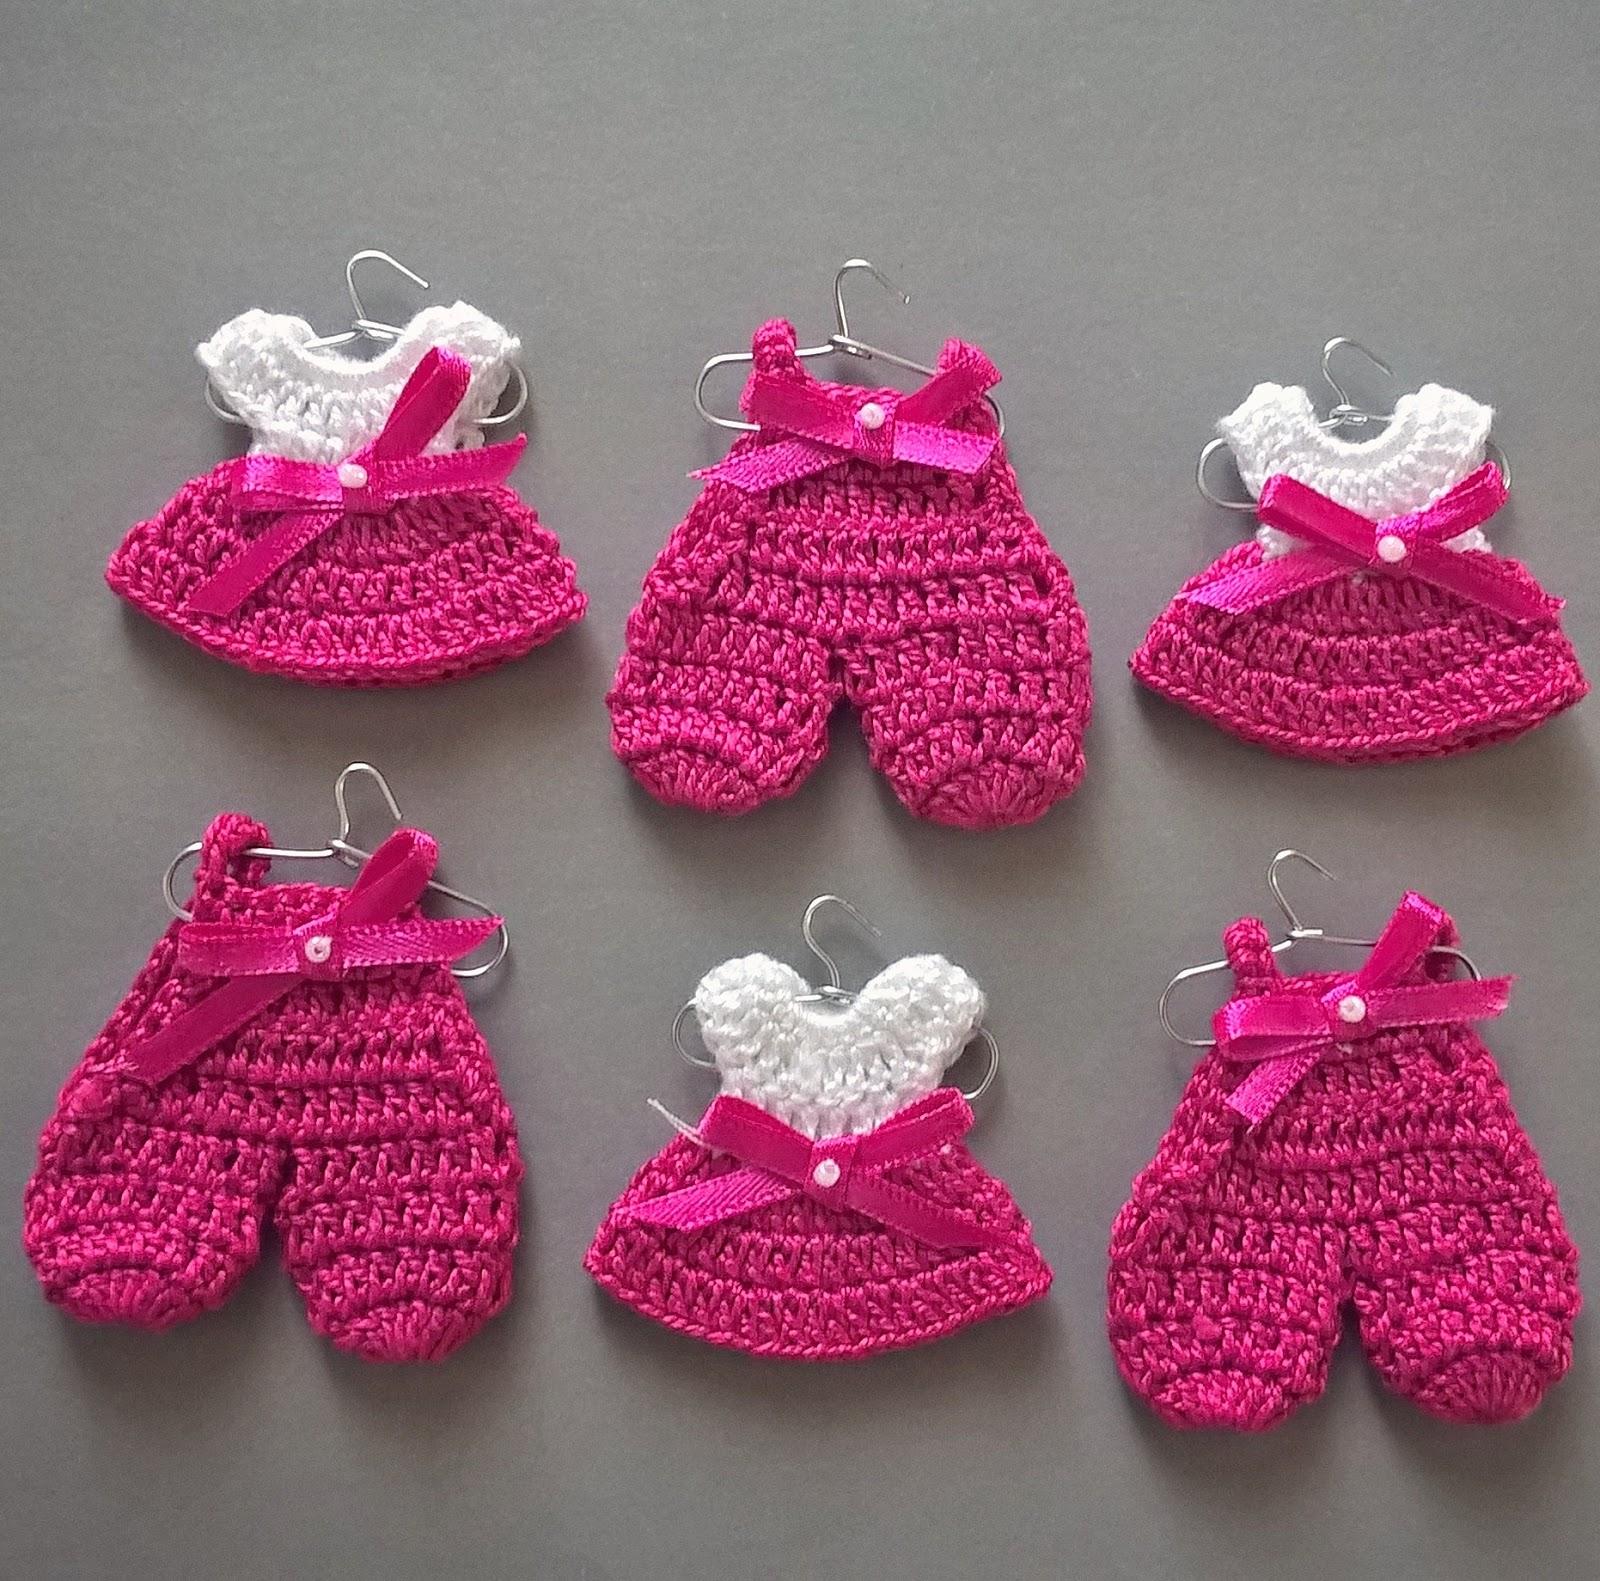 Solo esquemas y diseños de crochet: VESTIDITOS MINIATURAS PASO A ...